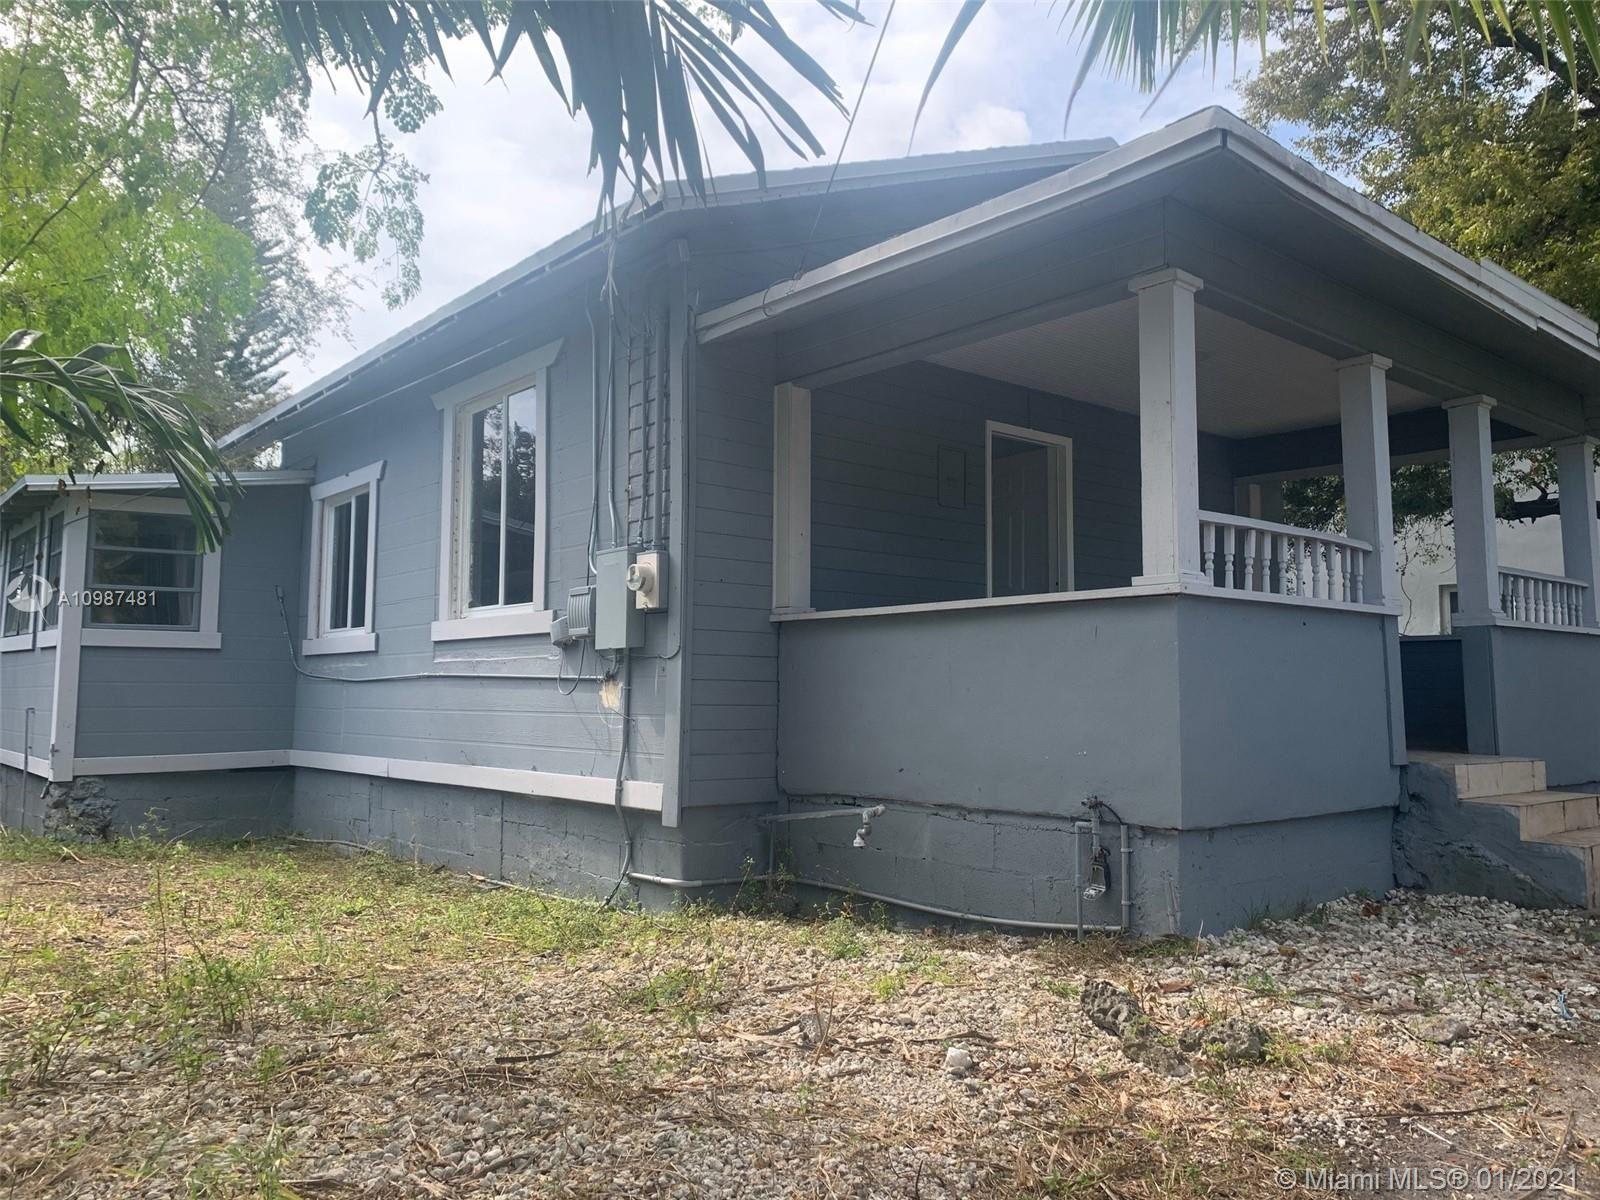 332 NW 34th St, Miami, FL 33127 - #: A10987481